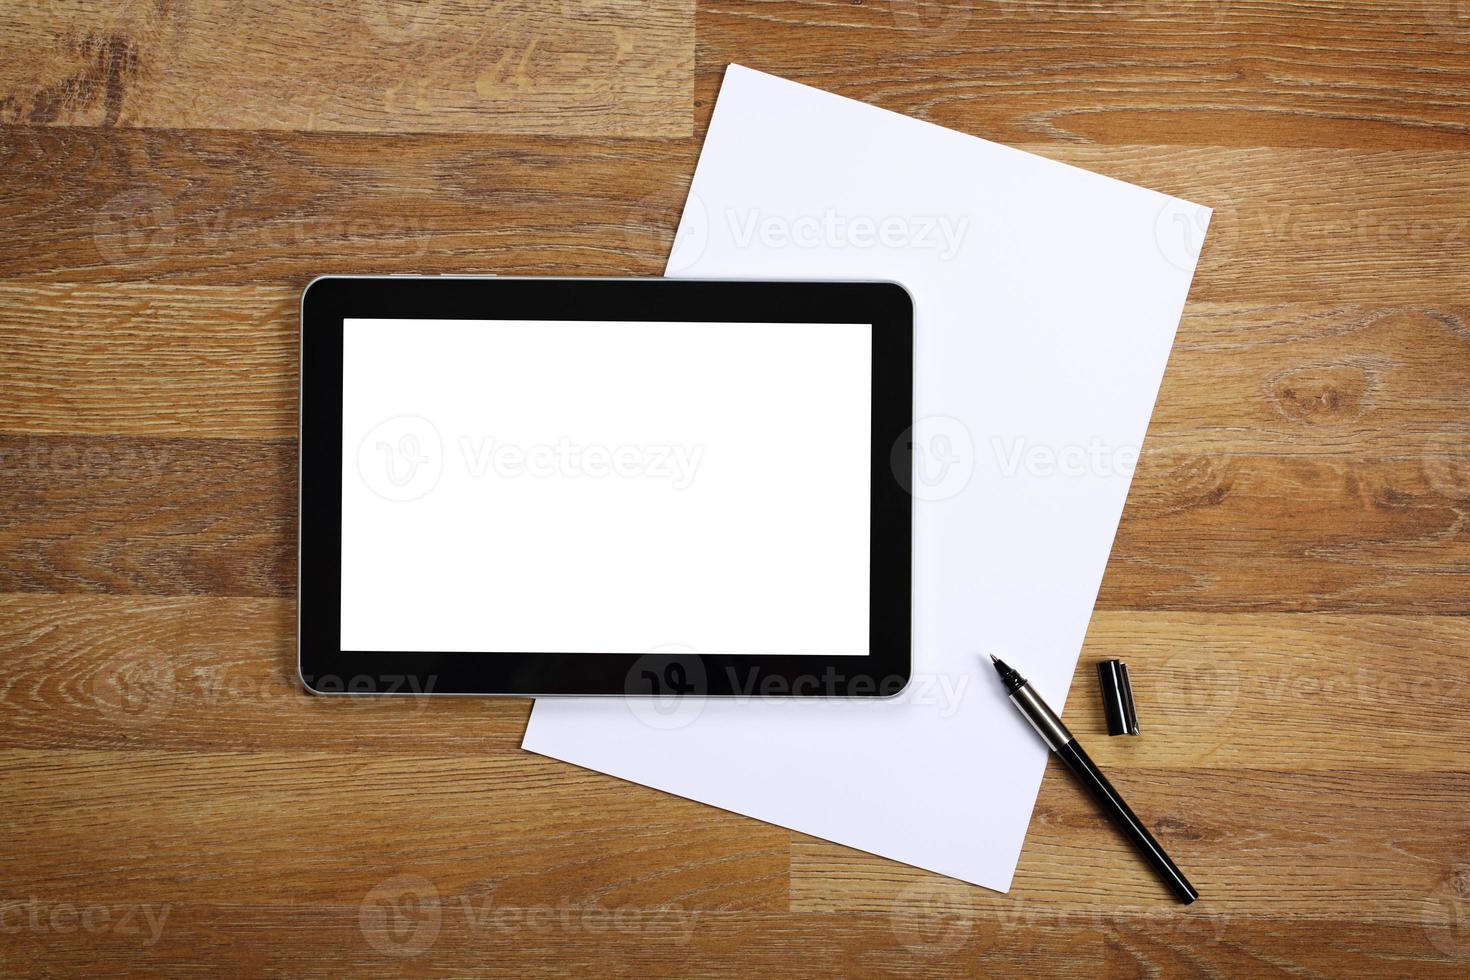 tablette et documents sur la table de bureau. photo